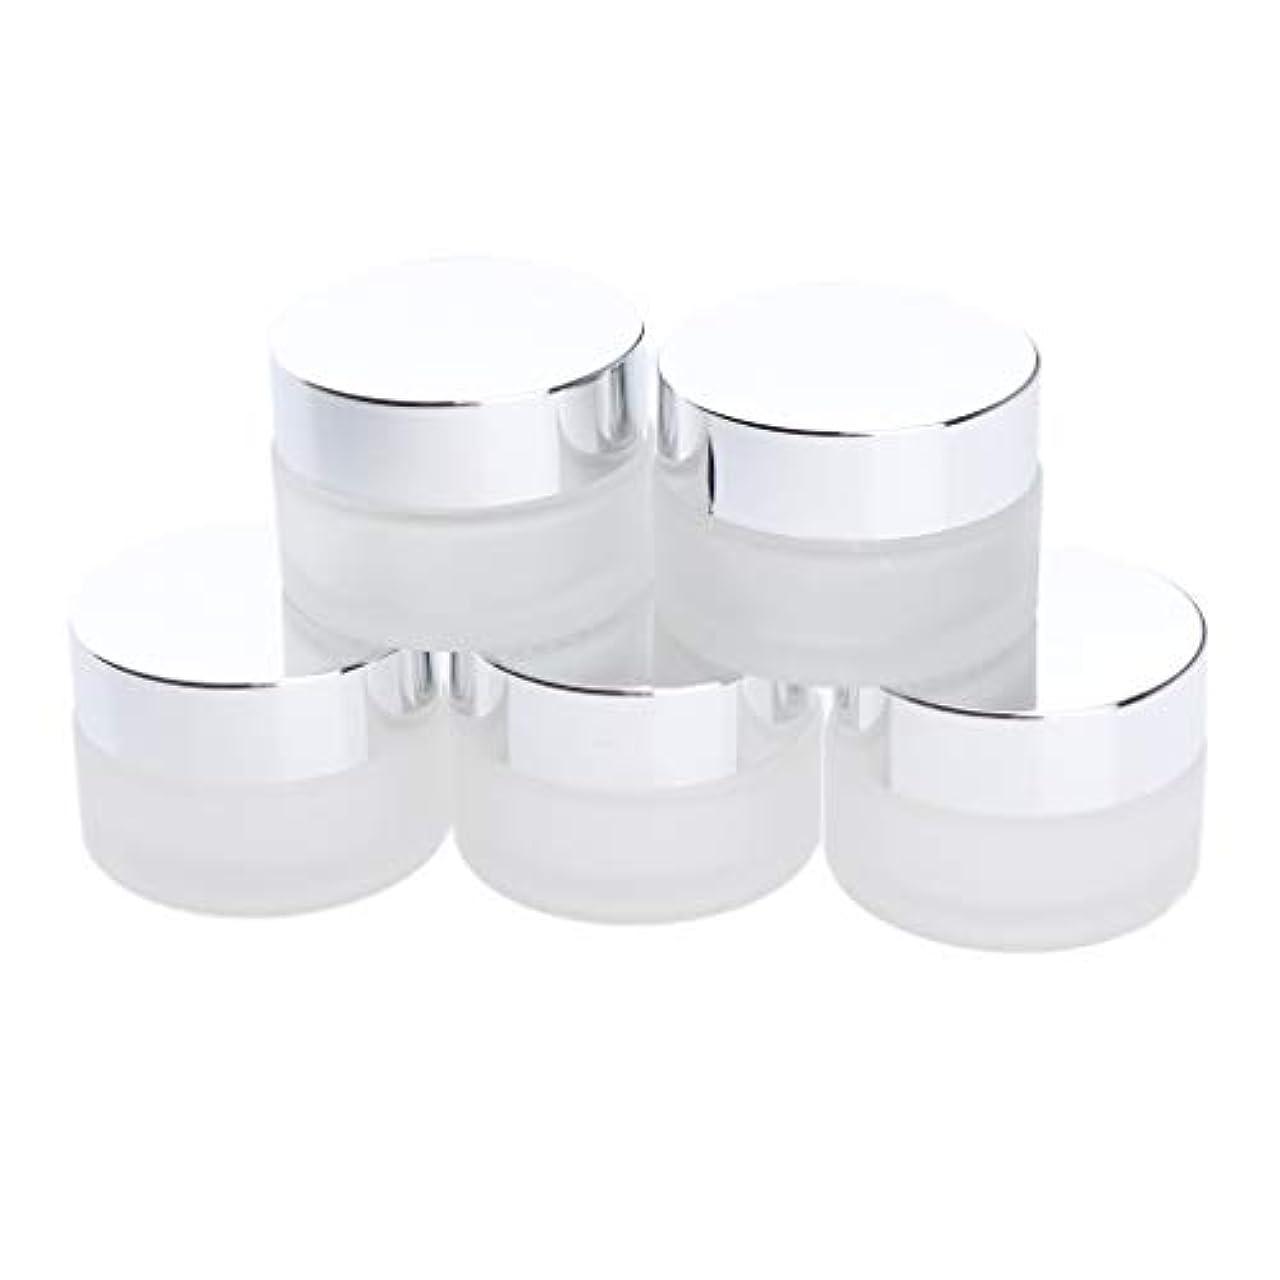 地獄箱芸術的T TOOYFUL メイクアップボトル ガラス瓶 フェイスクリーム 小分け容器 旅行用 5本 2サイズ - 20g